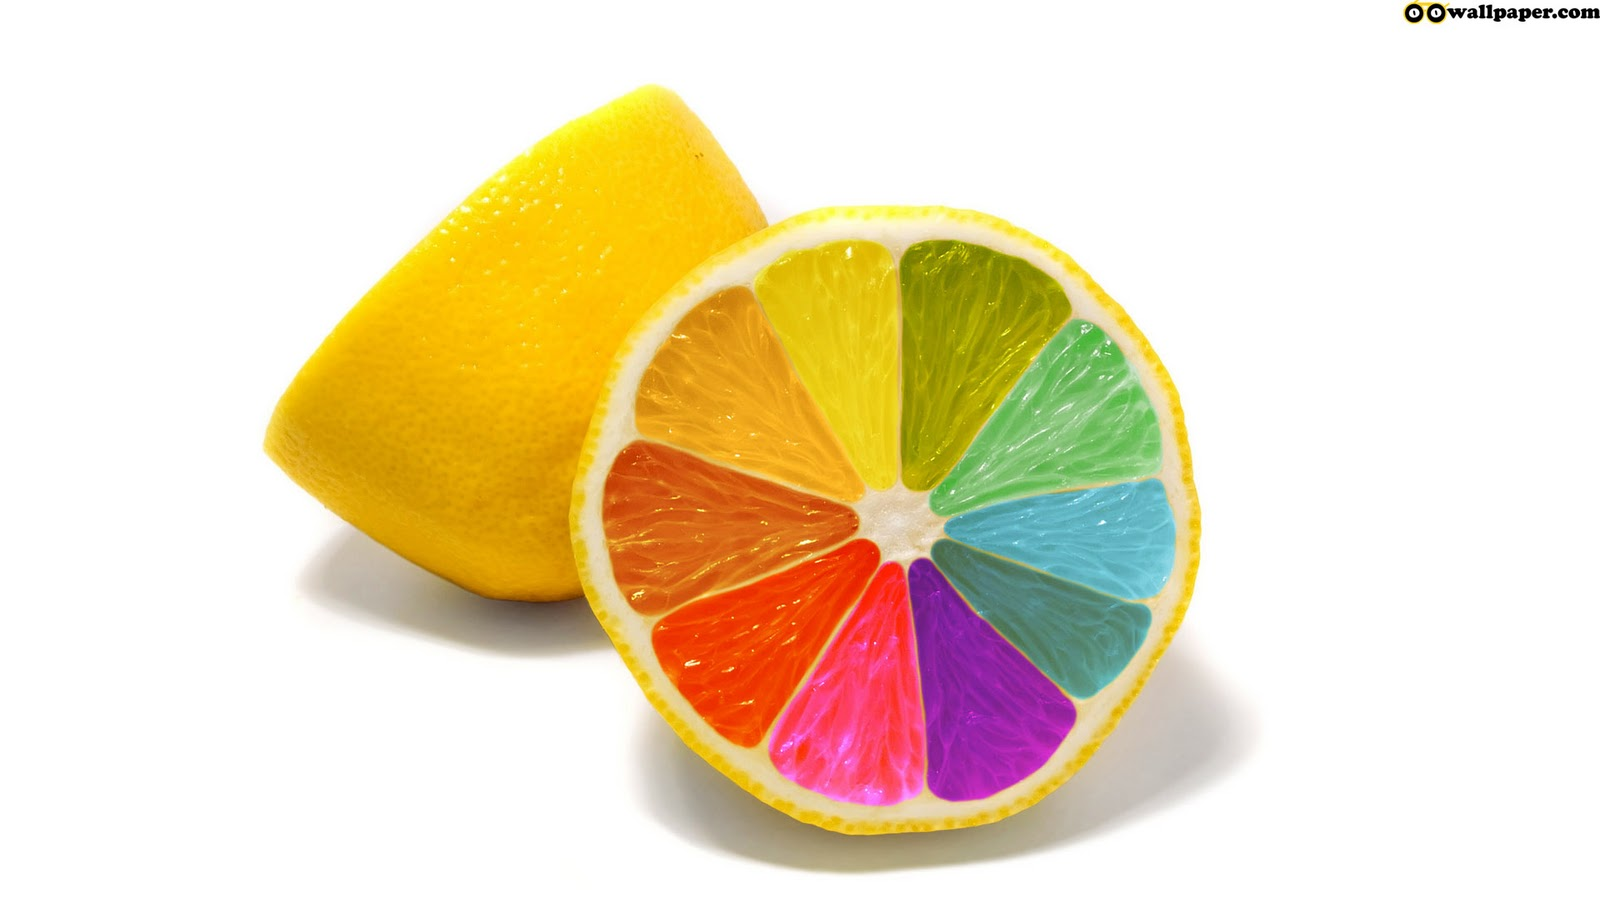 http://2.bp.blogspot.com/-vnHOLPN69kY/TxkaFgWyY4I/AAAAAAAAD0M/AYrRT3FltN4/s1600/oo_food_color_lemon.jpg